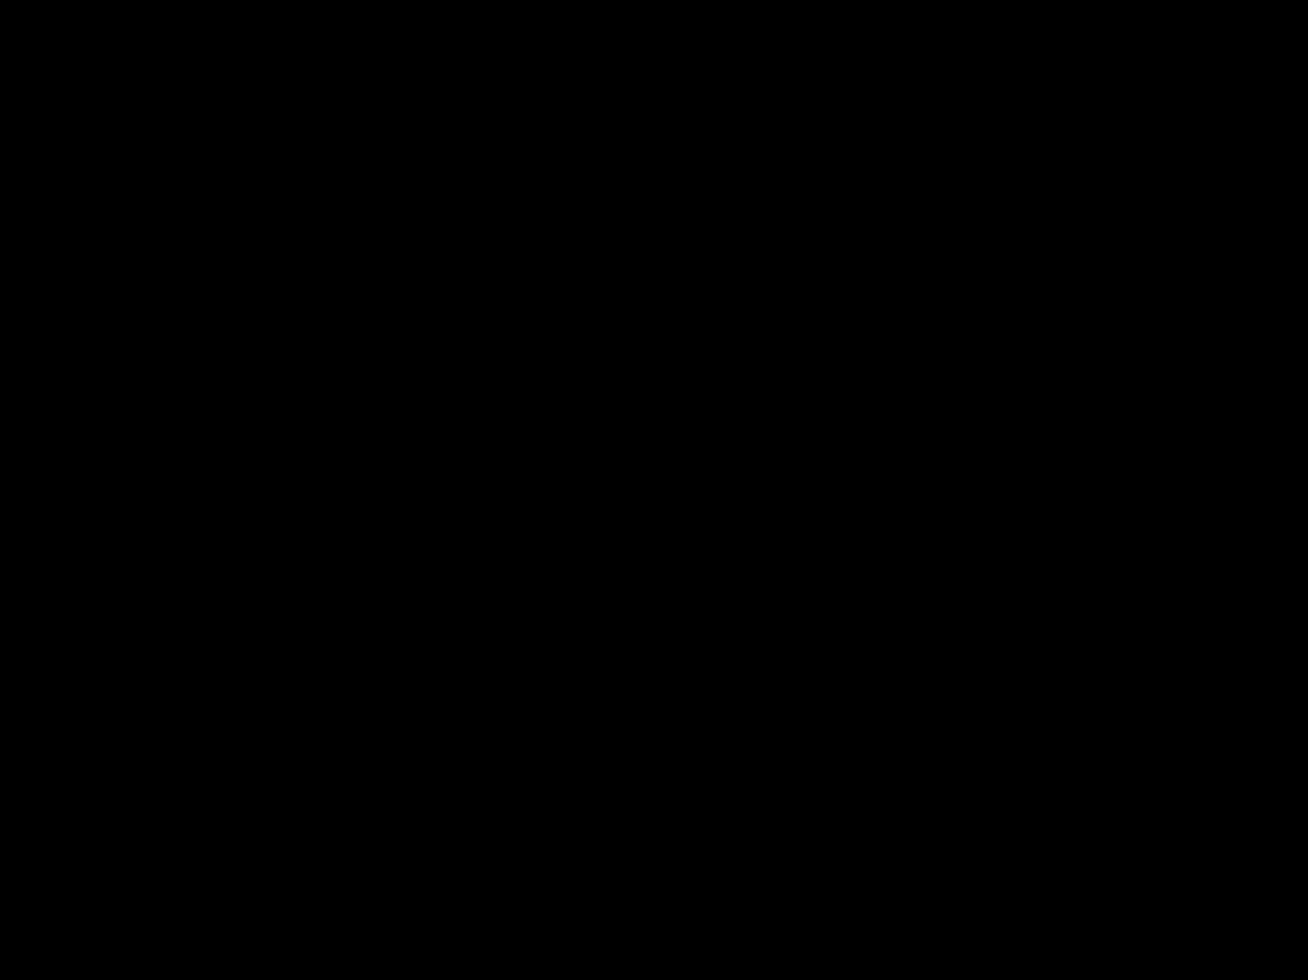 motif de demi-teintes hexagonales vecteur